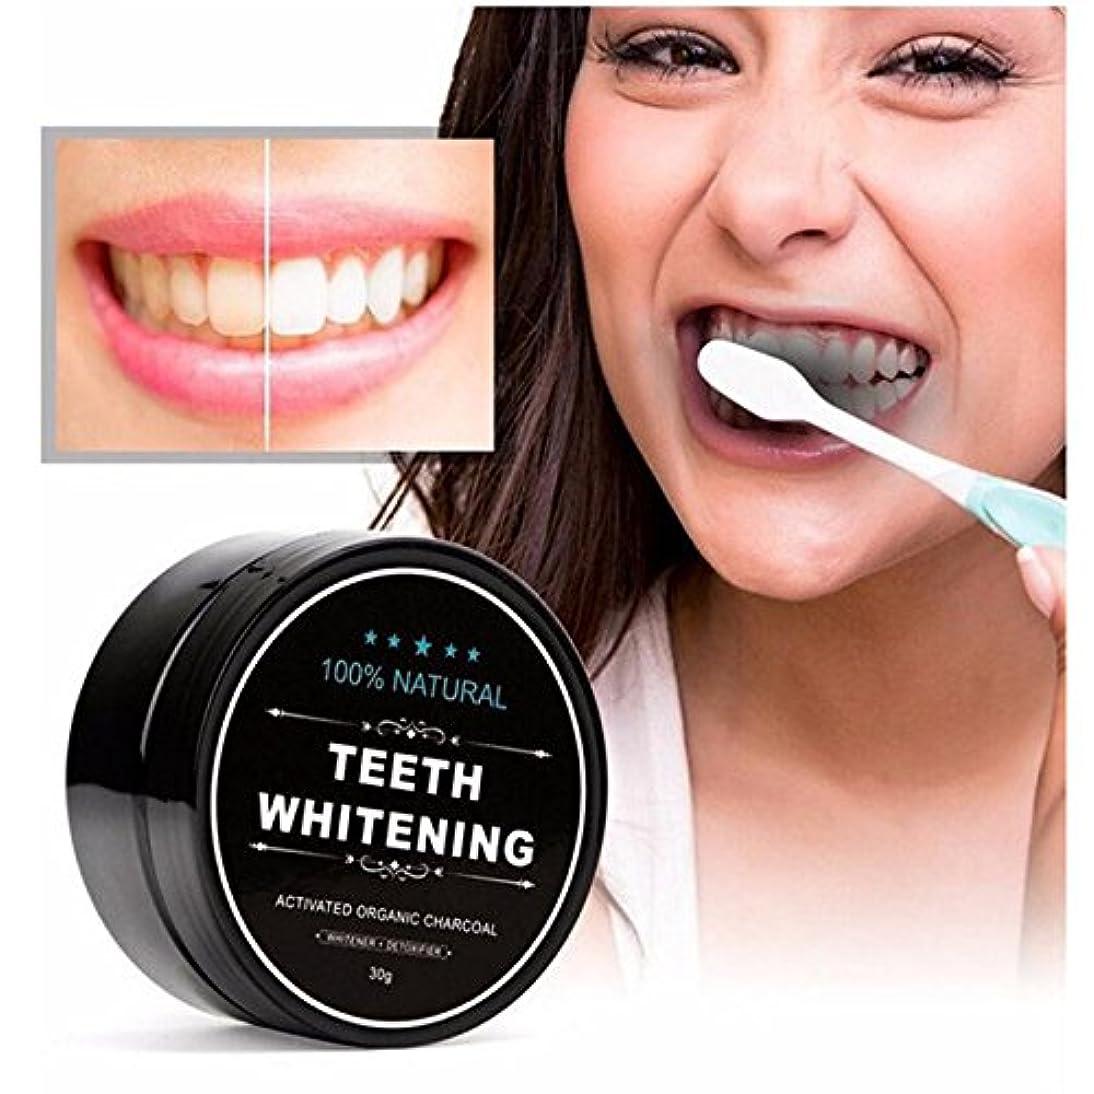 肘溶かす溢れんばかりのOral Dentistryチャコールホワイトニング 歯磨き粉 歯のホワイトニング 歯磨き剤 食べる活性炭 活性炭パウダー 竹炭 ブラック (1個)